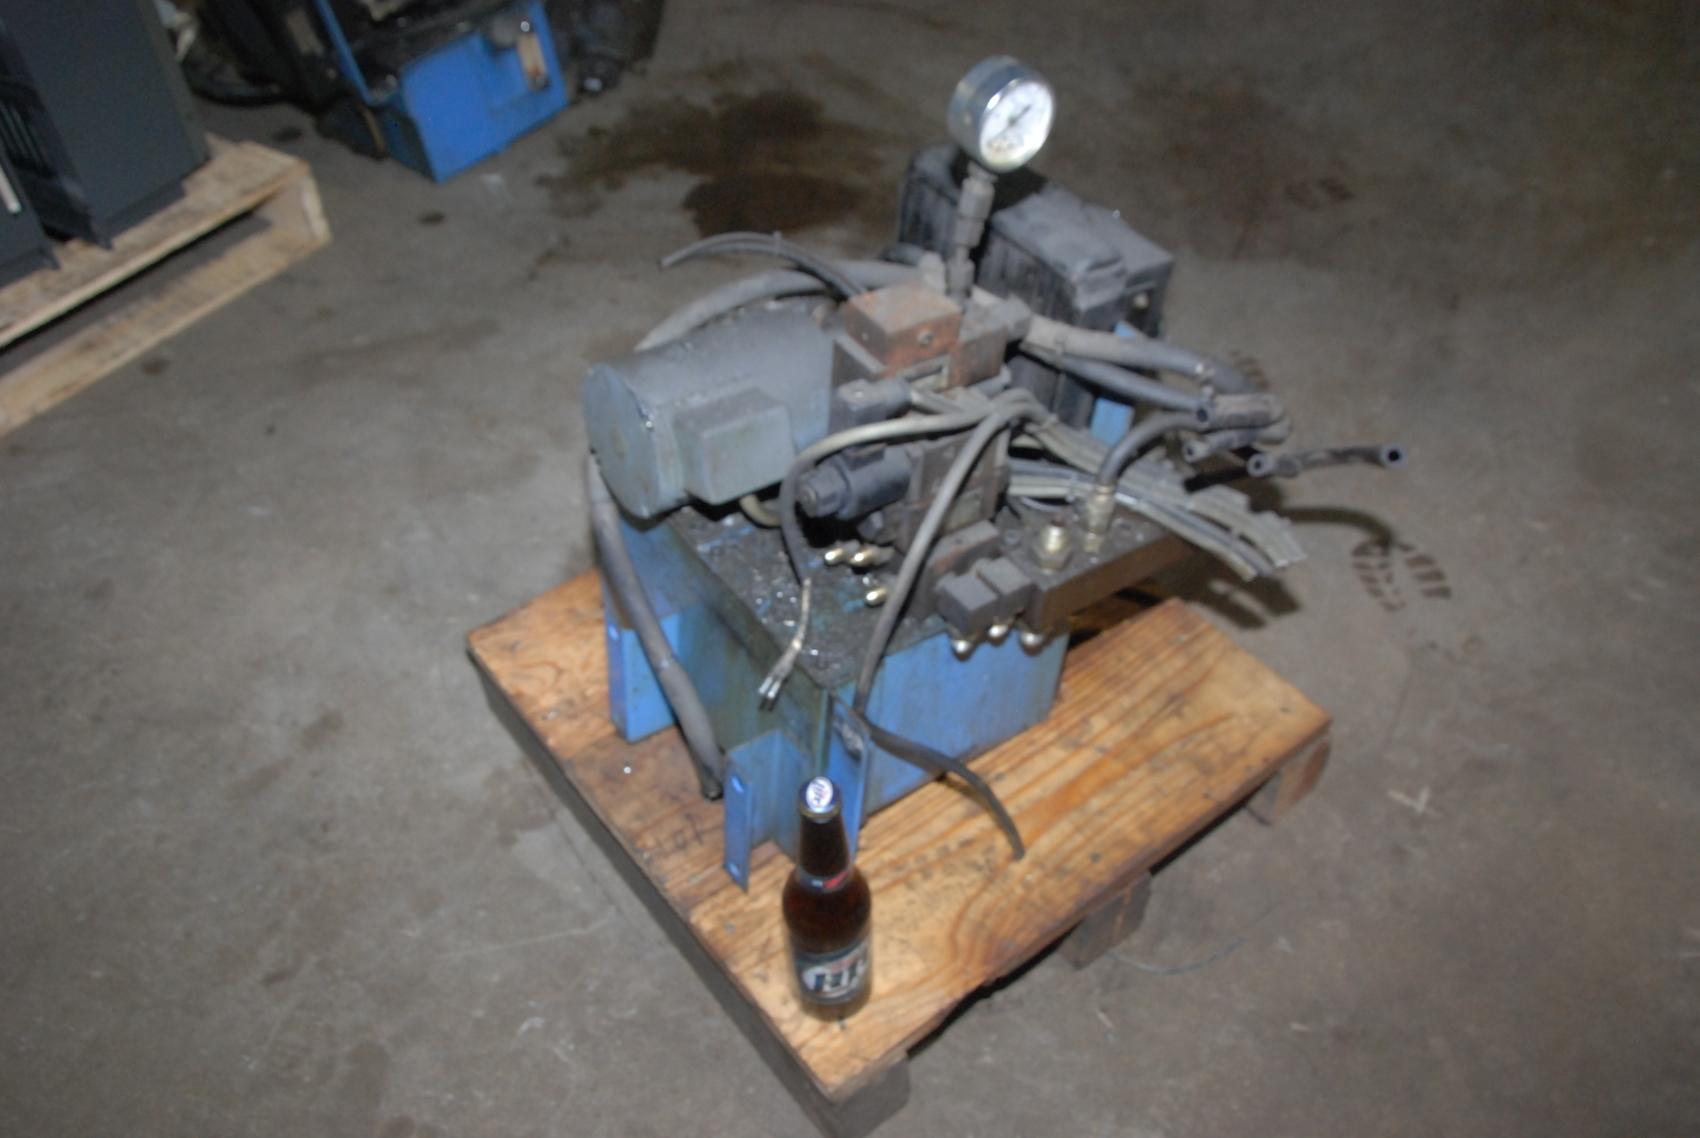 Nachi oil cooler pump from Mazak CNC maybe VQC 15 20 40